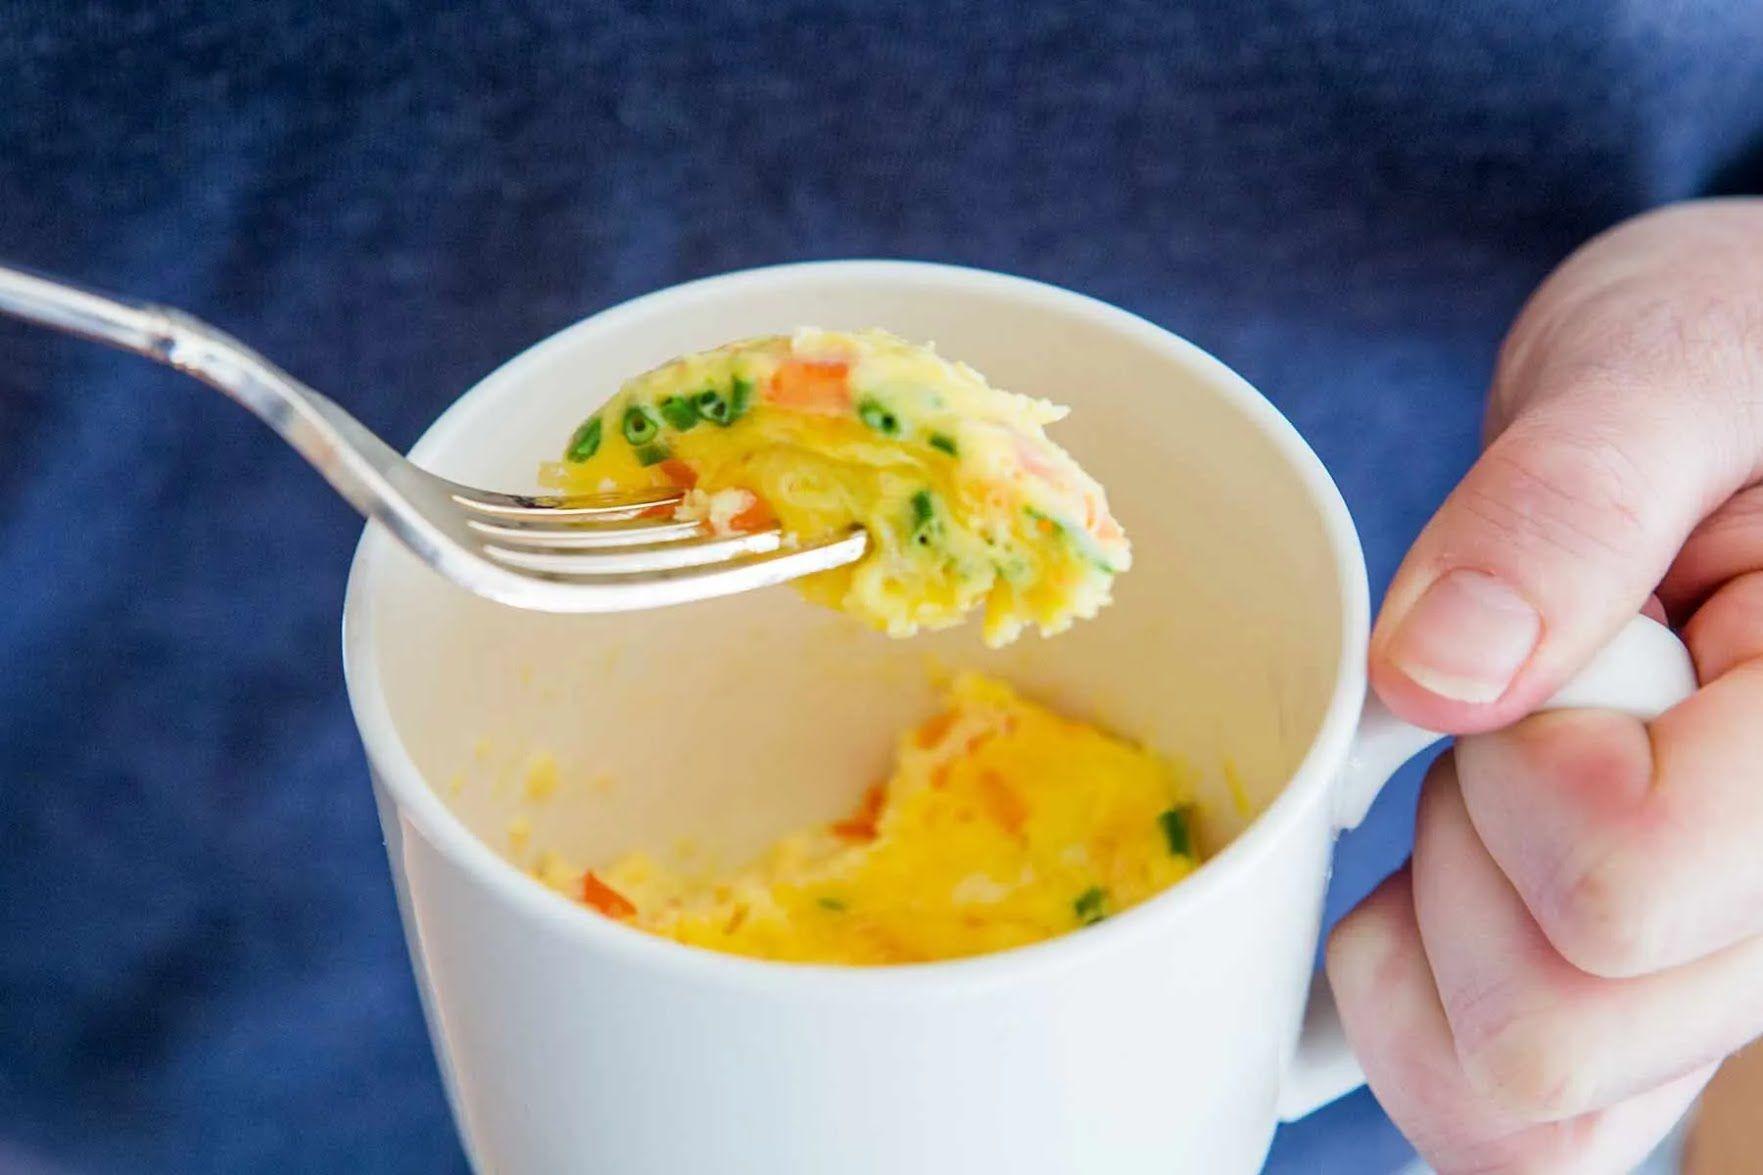 В омлет можно добавить мелко резанные овощи, бекон или лосось.